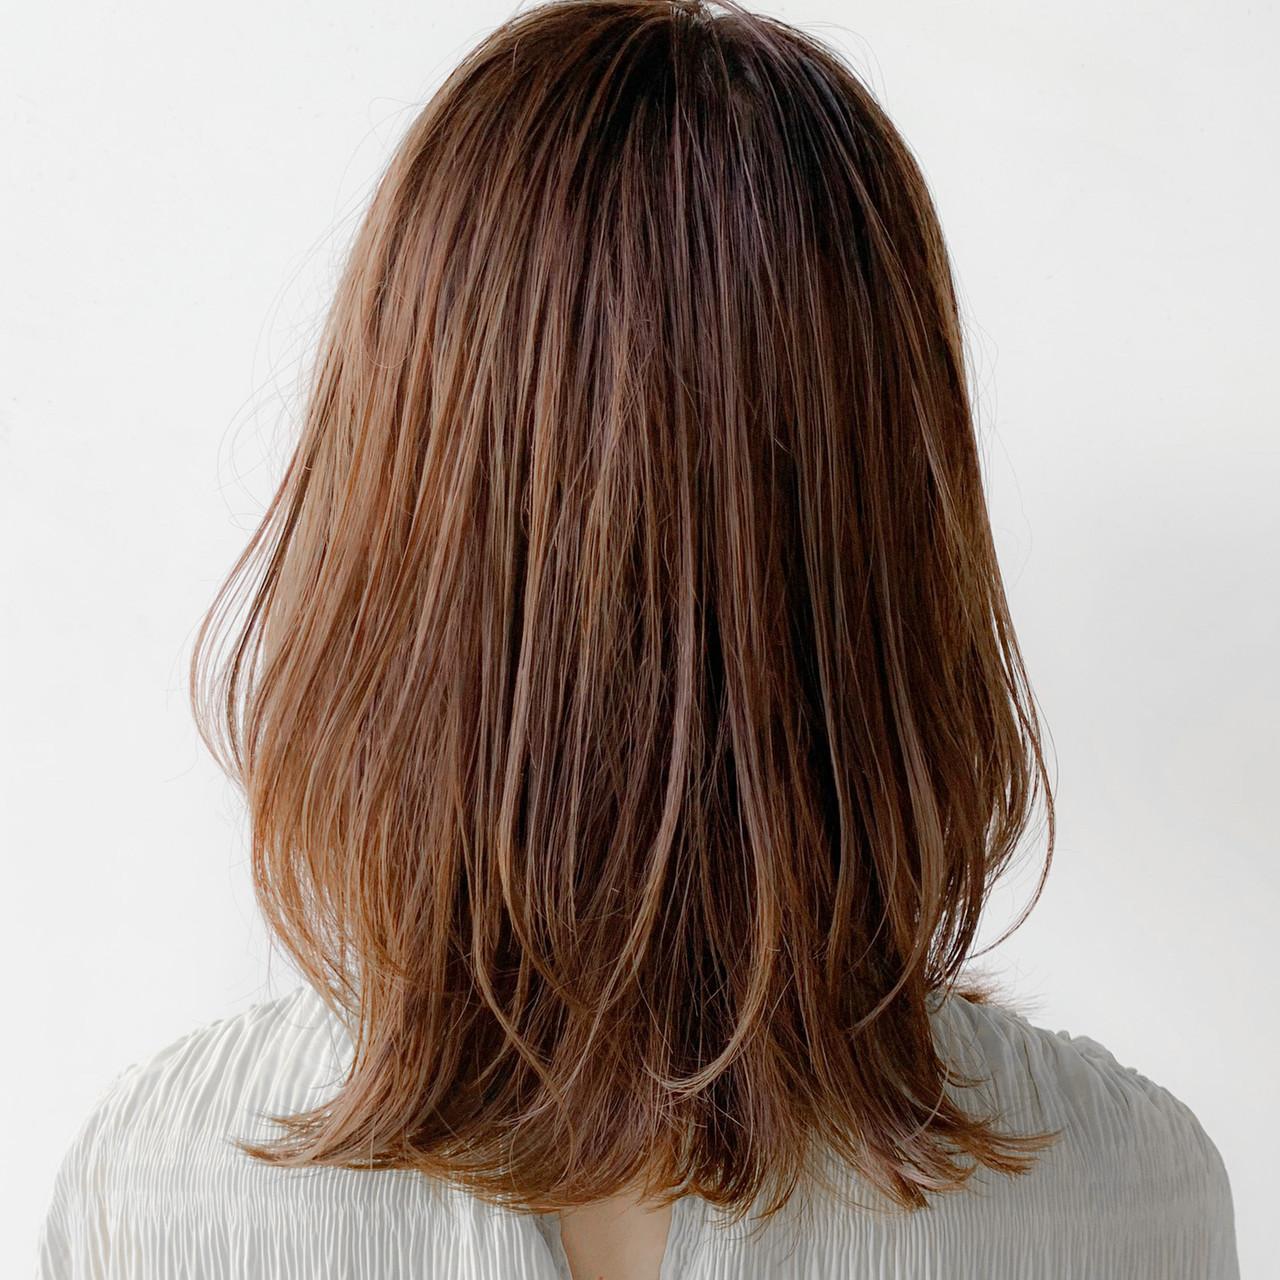 鎖骨ミディアム シースルーバング 外国人風カラー 艶髪ヘアスタイルや髪型の写真・画像